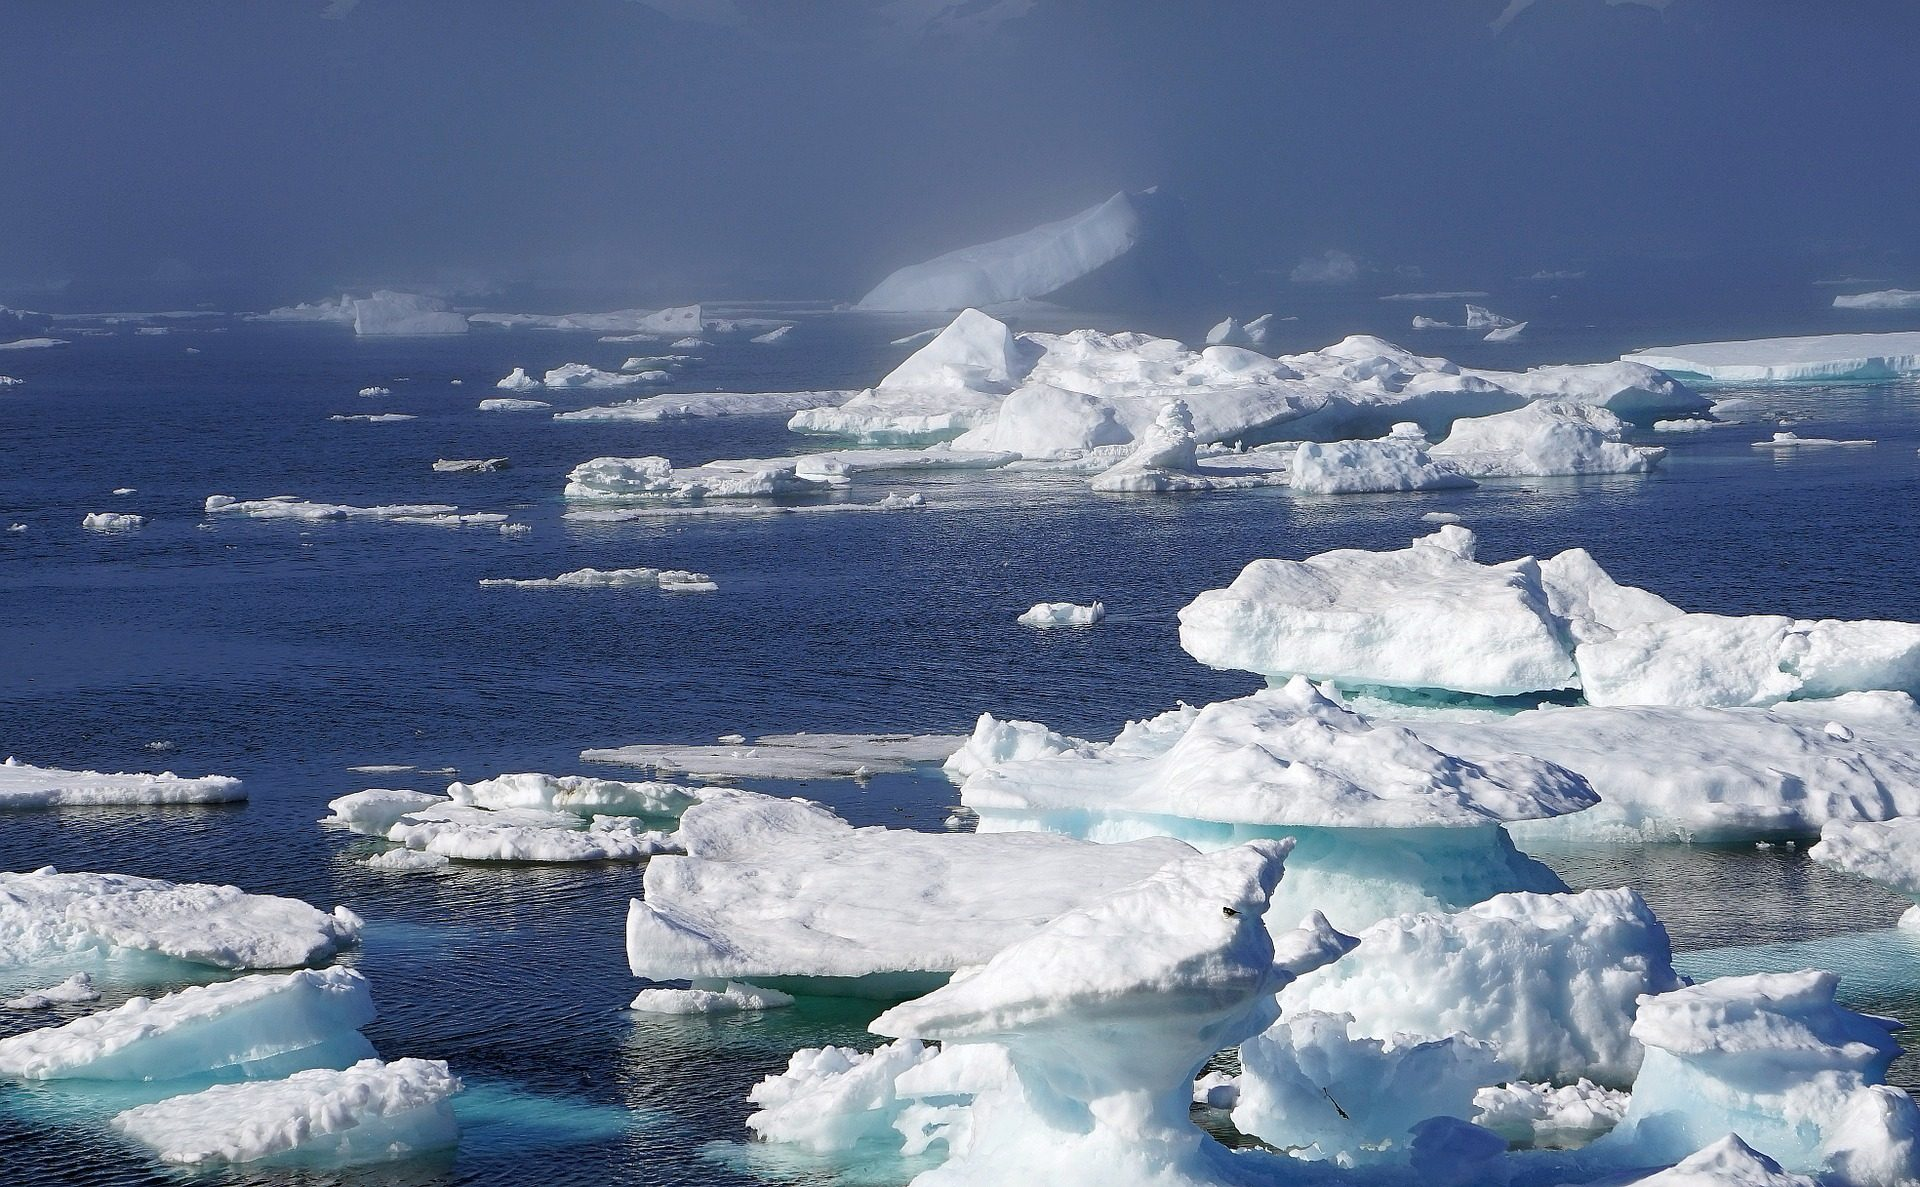 Llueve en Groenlandia por primera vez en más de 70 años (por qué esto preocupa a los científicos) - Prensa Libre